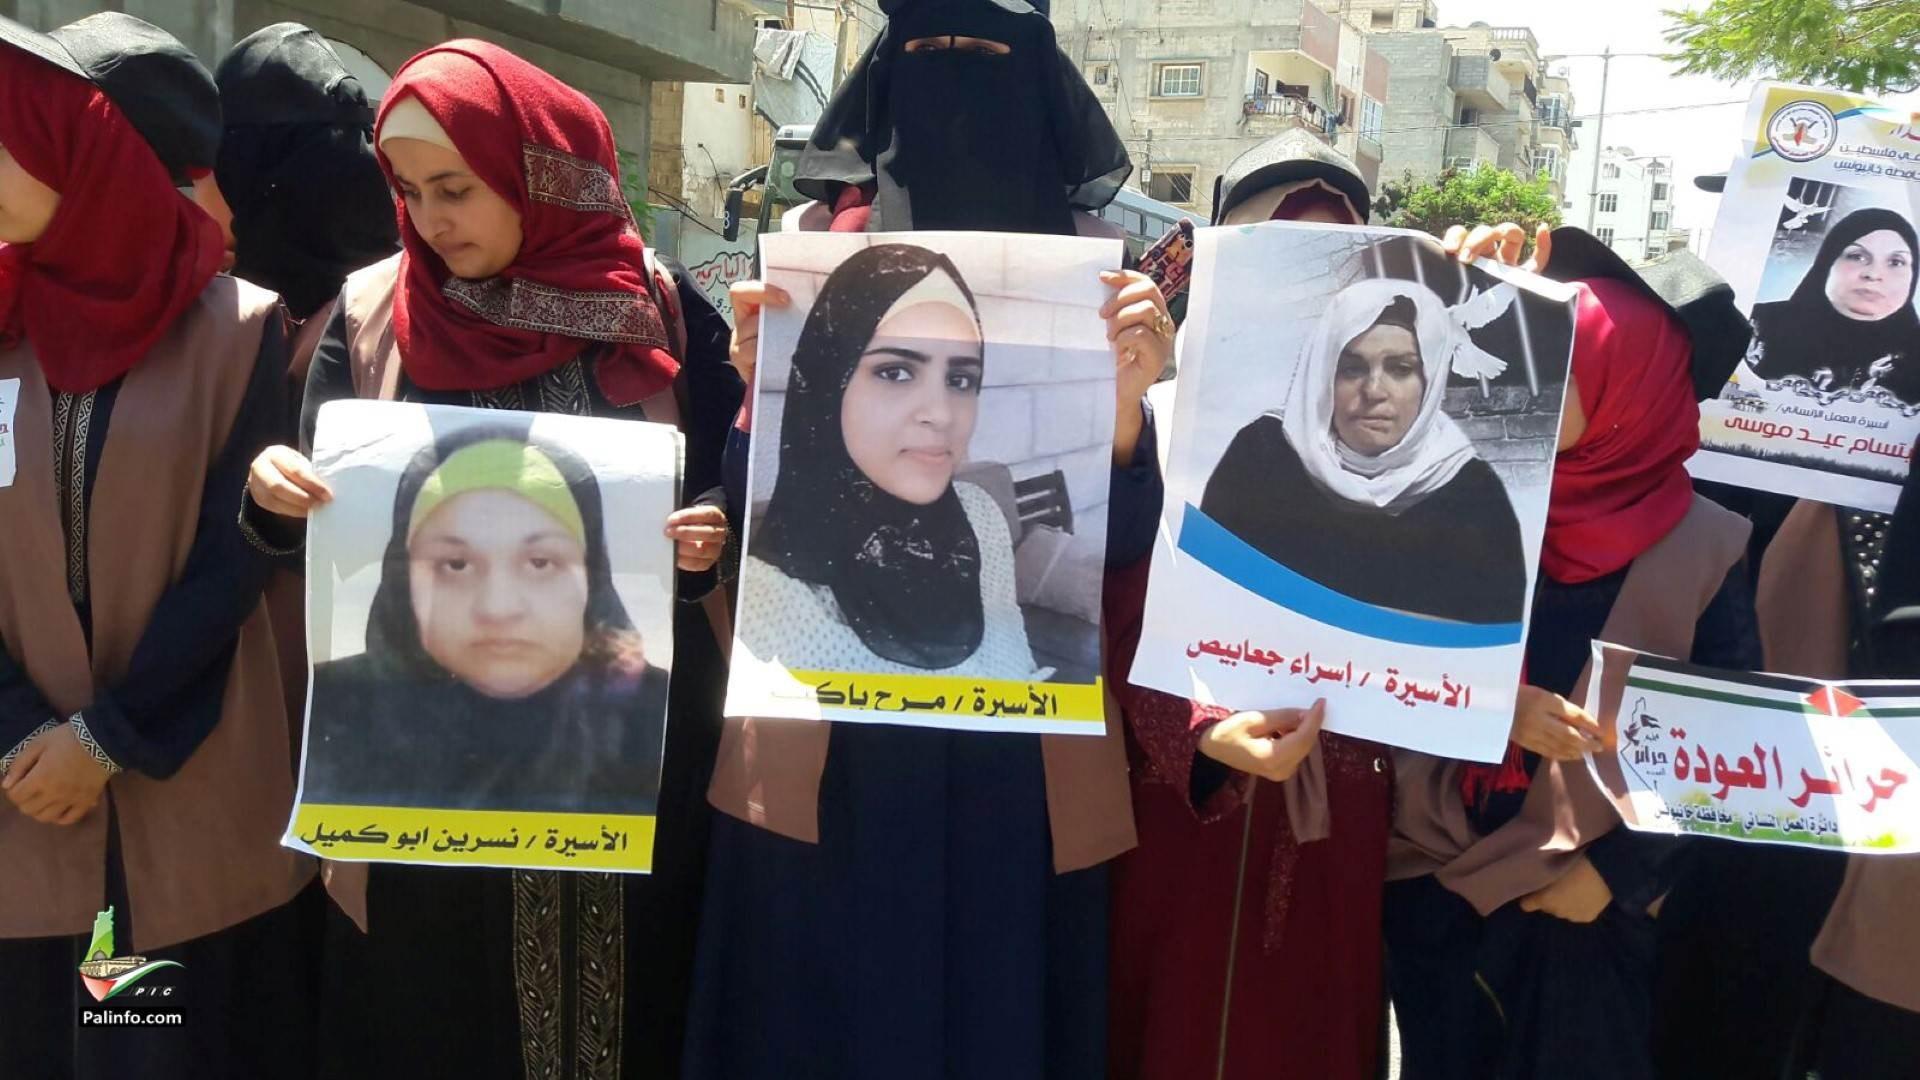 محكمة عوفر العسكريّة قضت اليوم بالإفراج الأسيرة تسنيم القاضي